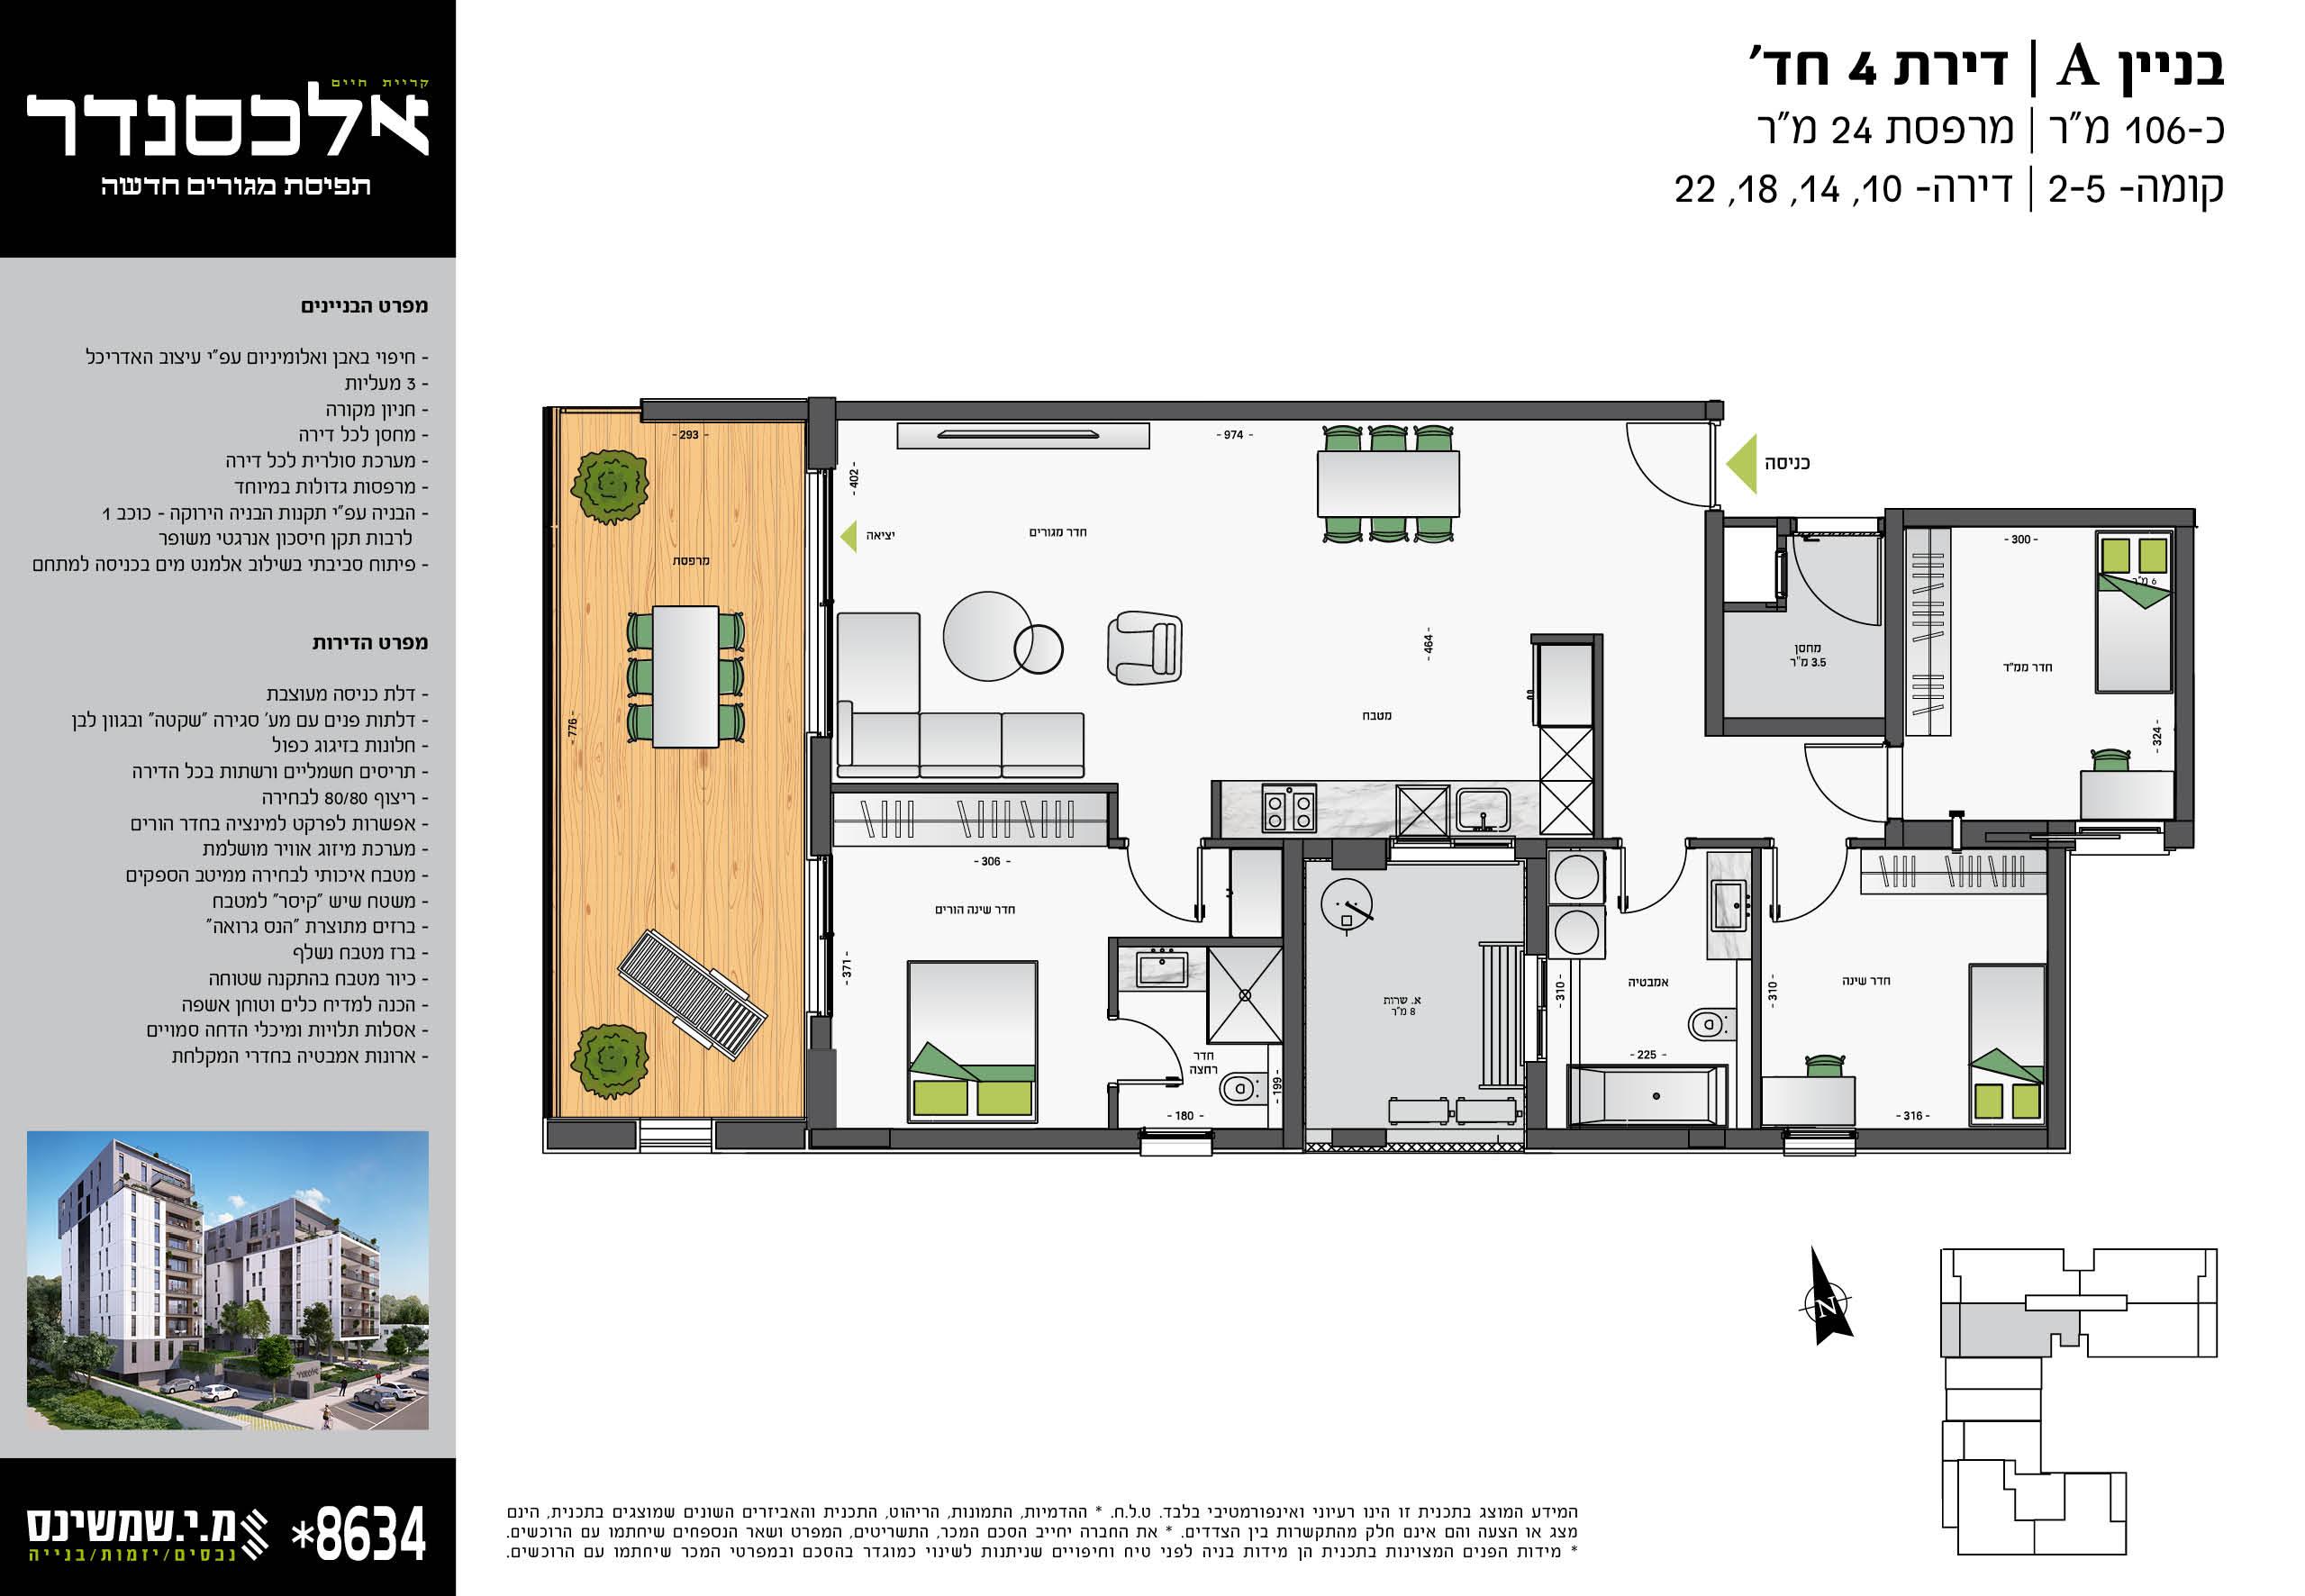 דירה 10, 14, 18, 22